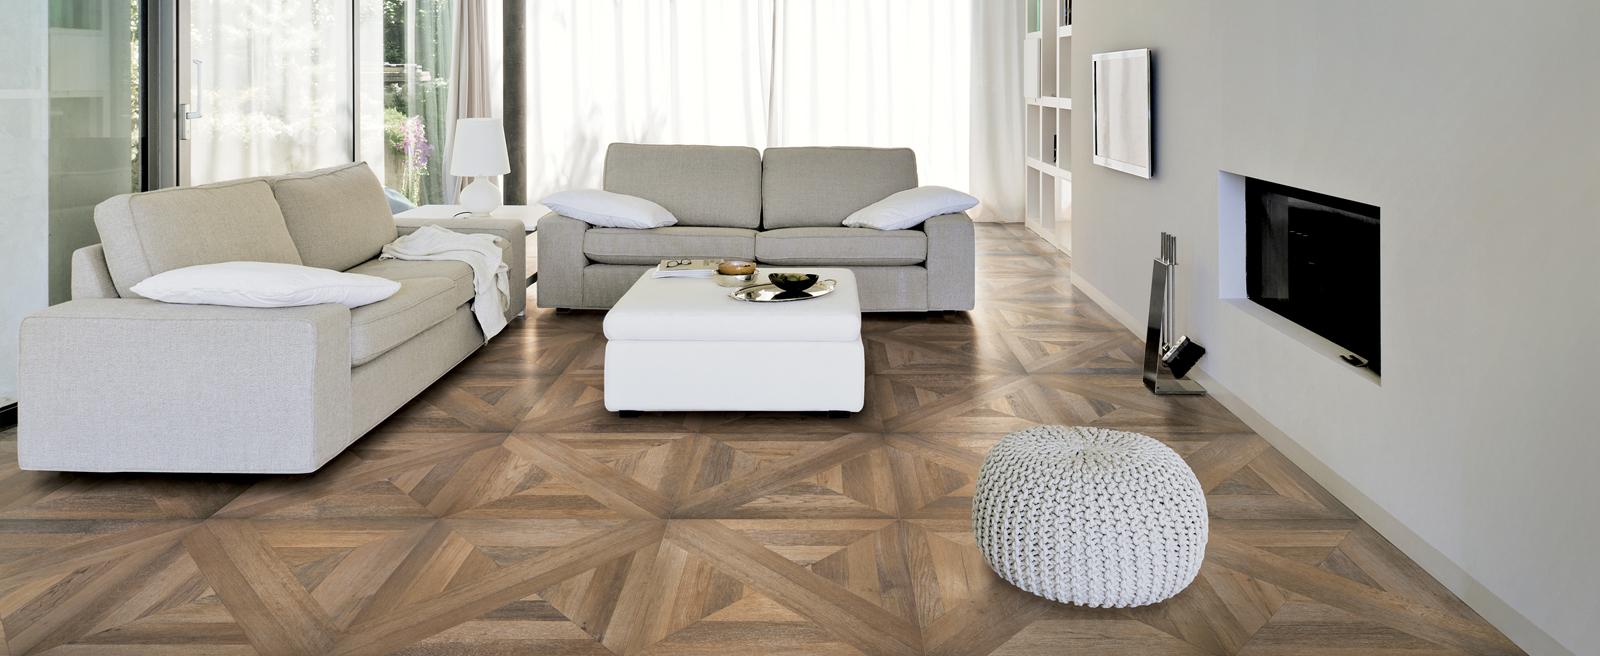 La Maison Du Parquet italian tiles that look like assembled parquet panels - mansion